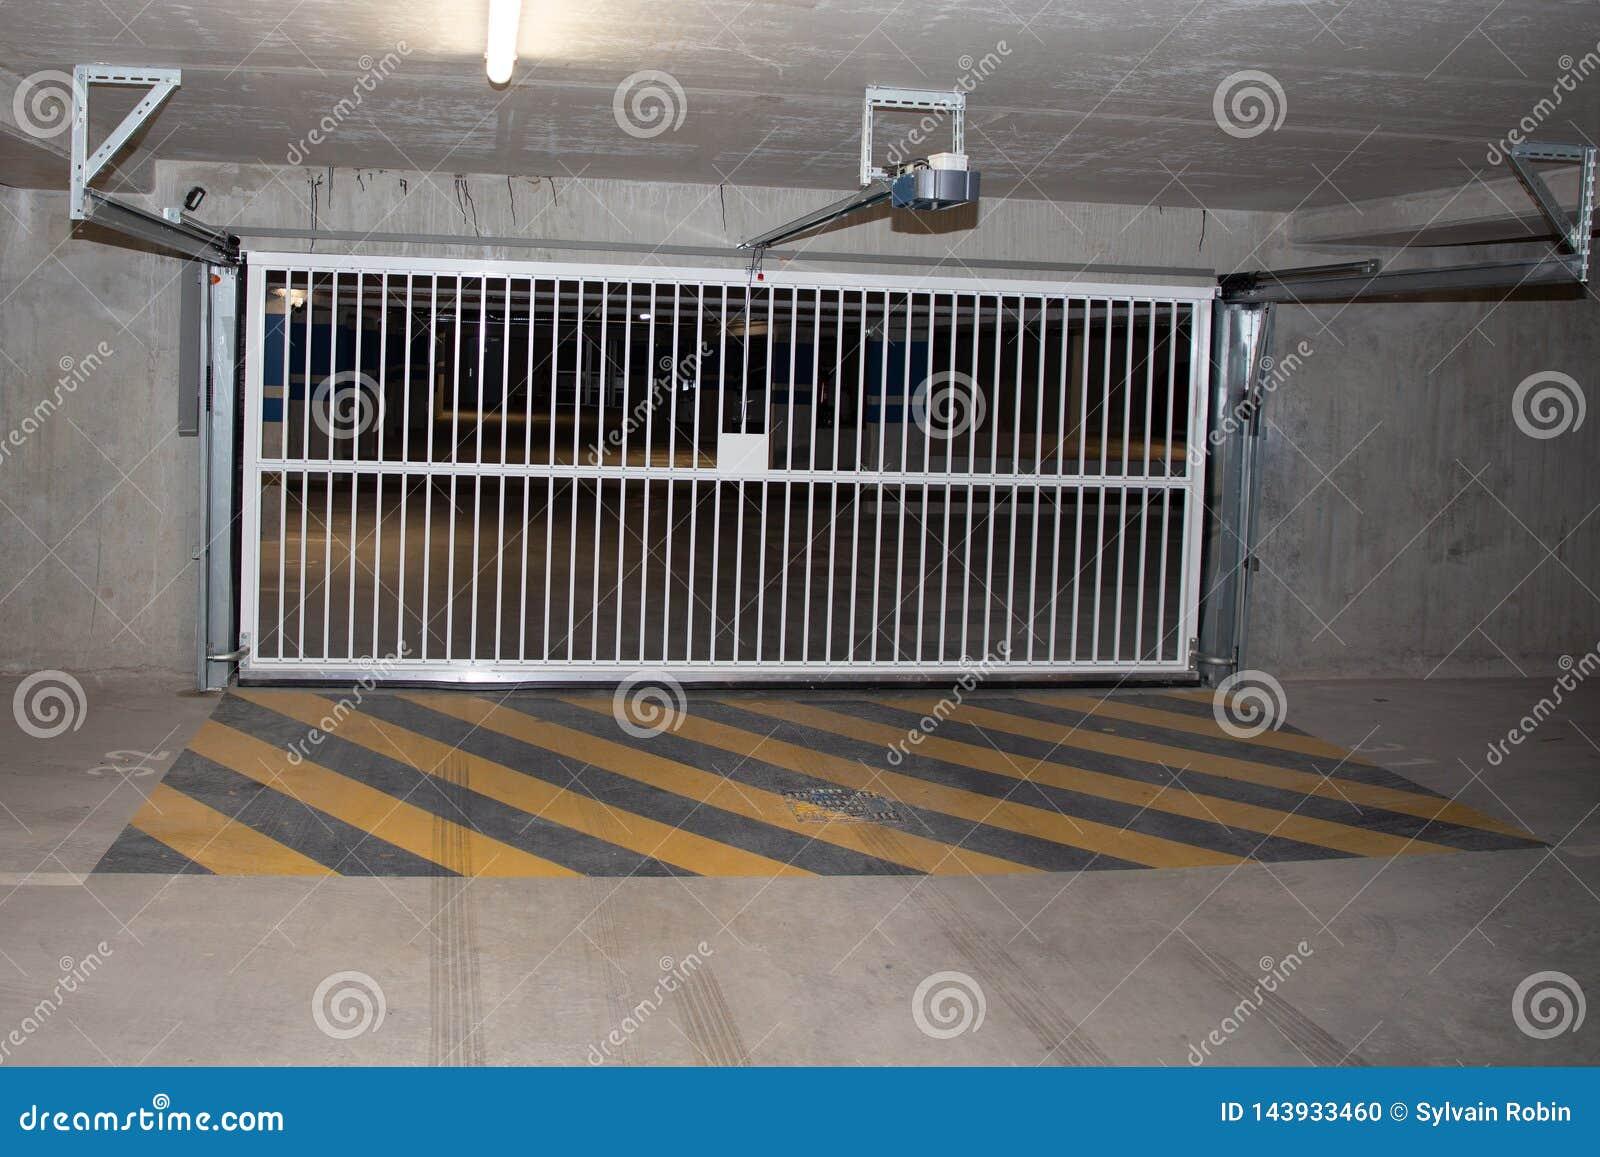 Underground Cement Car Park Garage Parking Entry Door Gate Empty